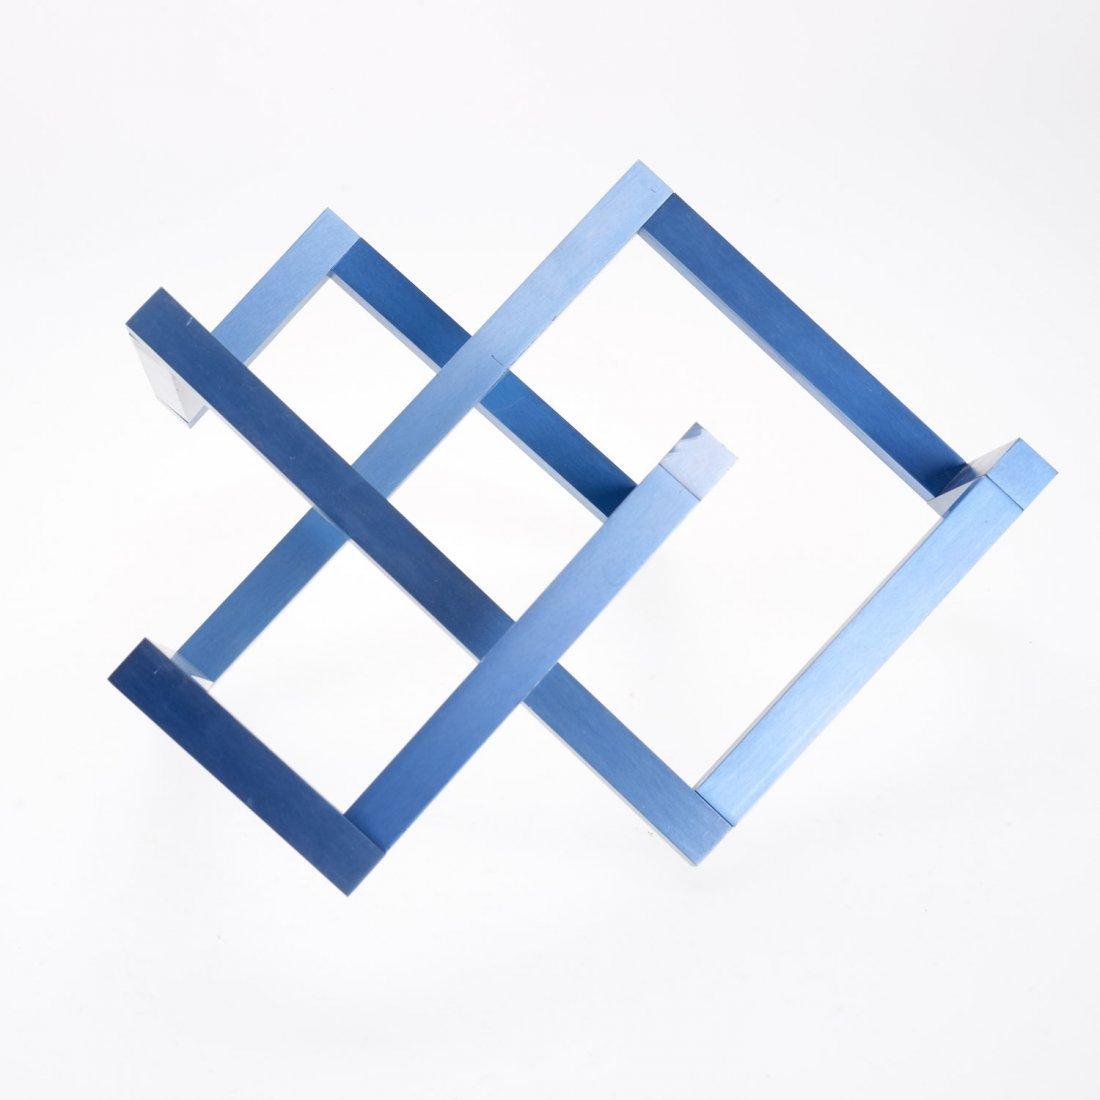 Forrest Myers geometric aluminum sculpture - 2